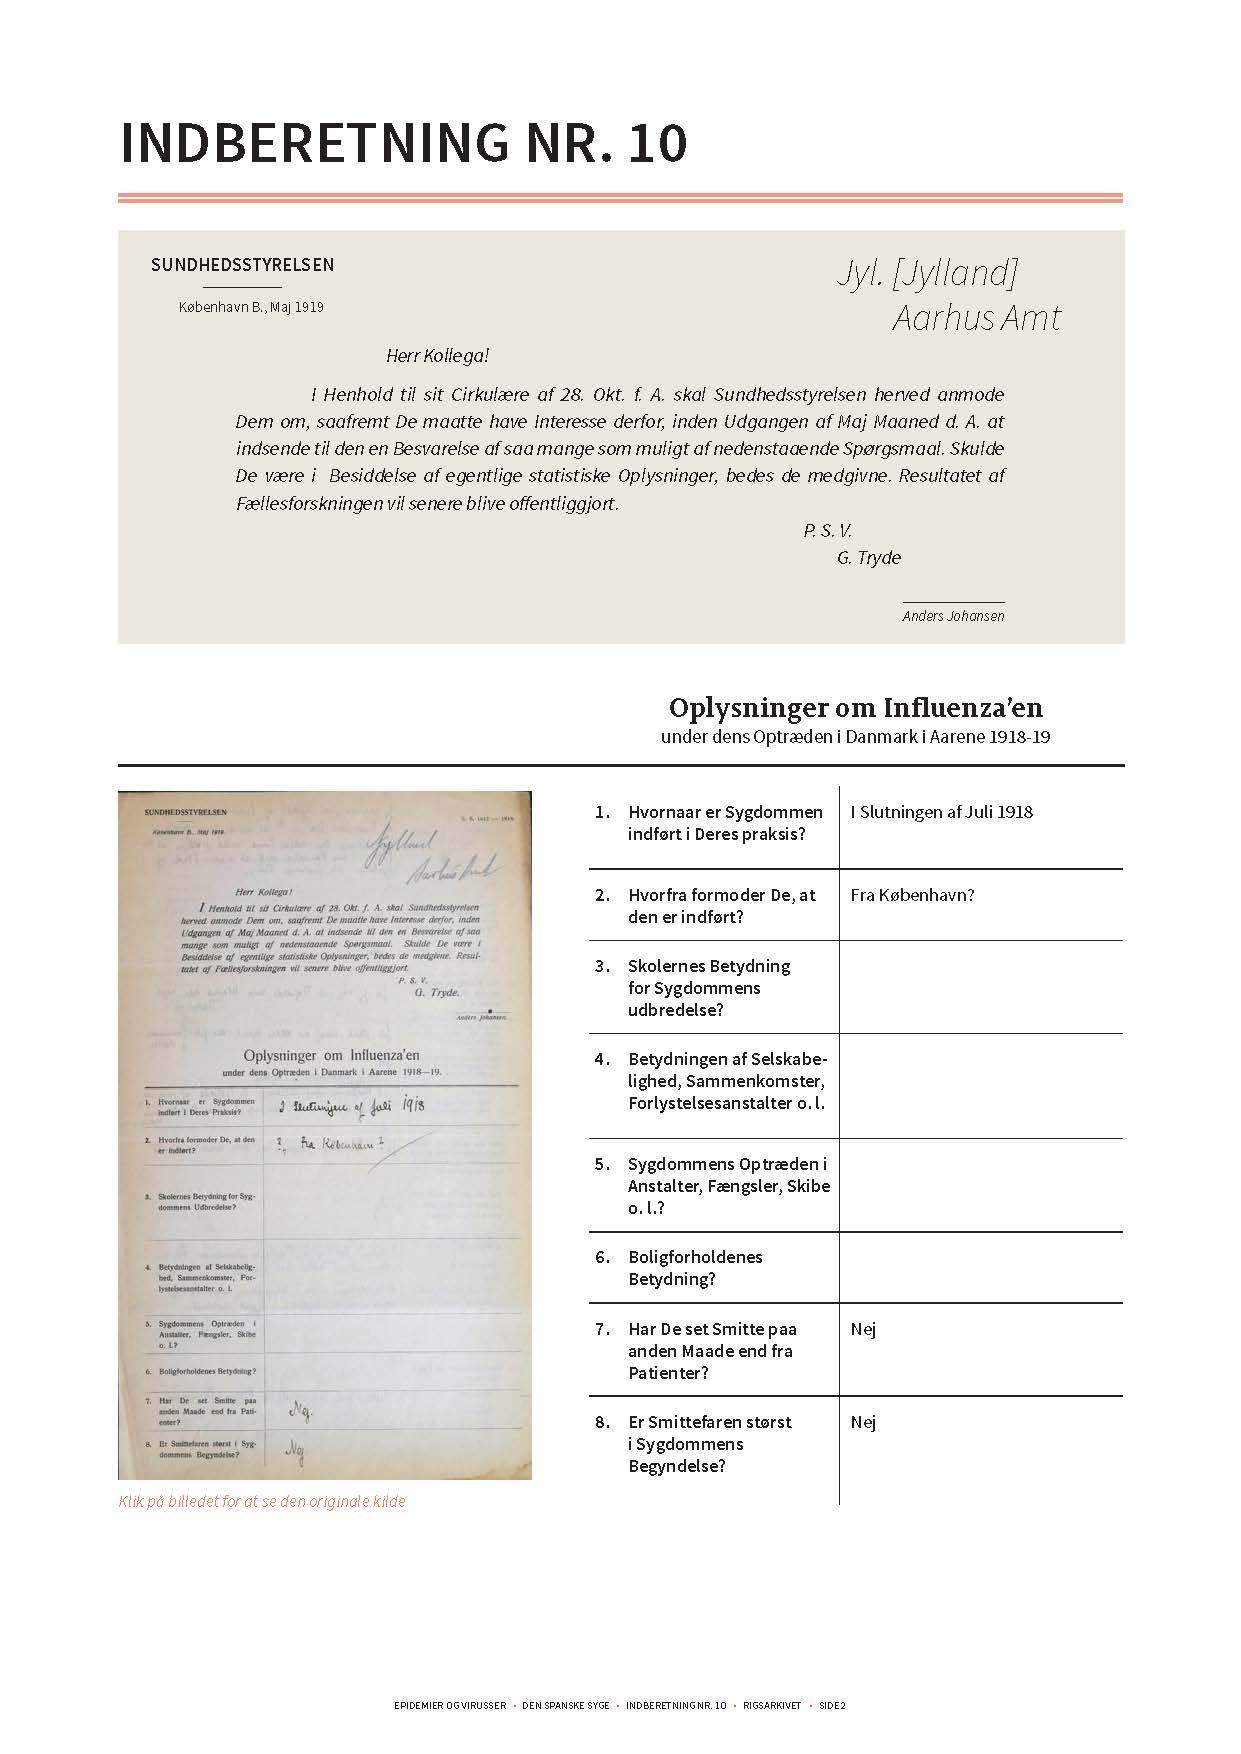 Gengivelse af original indberetning om den spanske syge side 1 og transskription heraf.